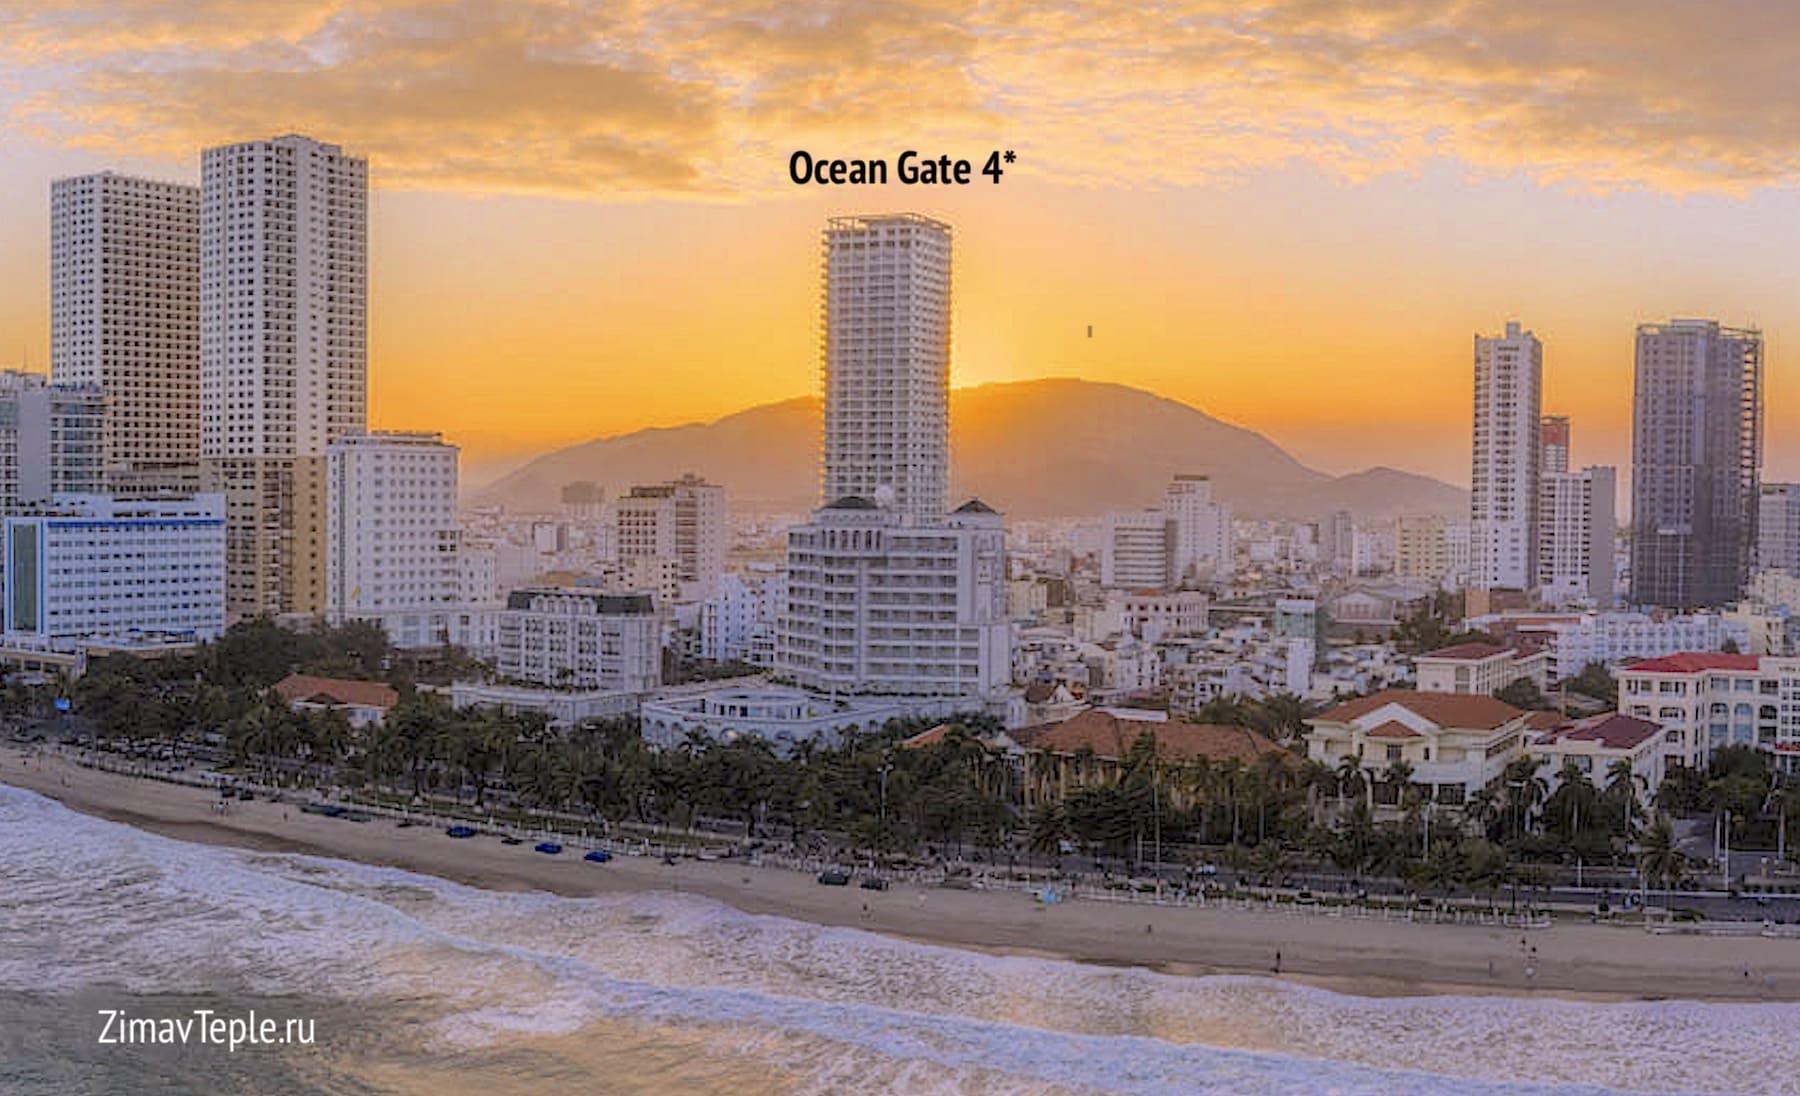 Новостройка в финальной стадии Ocean Gate 4* в Нячанге